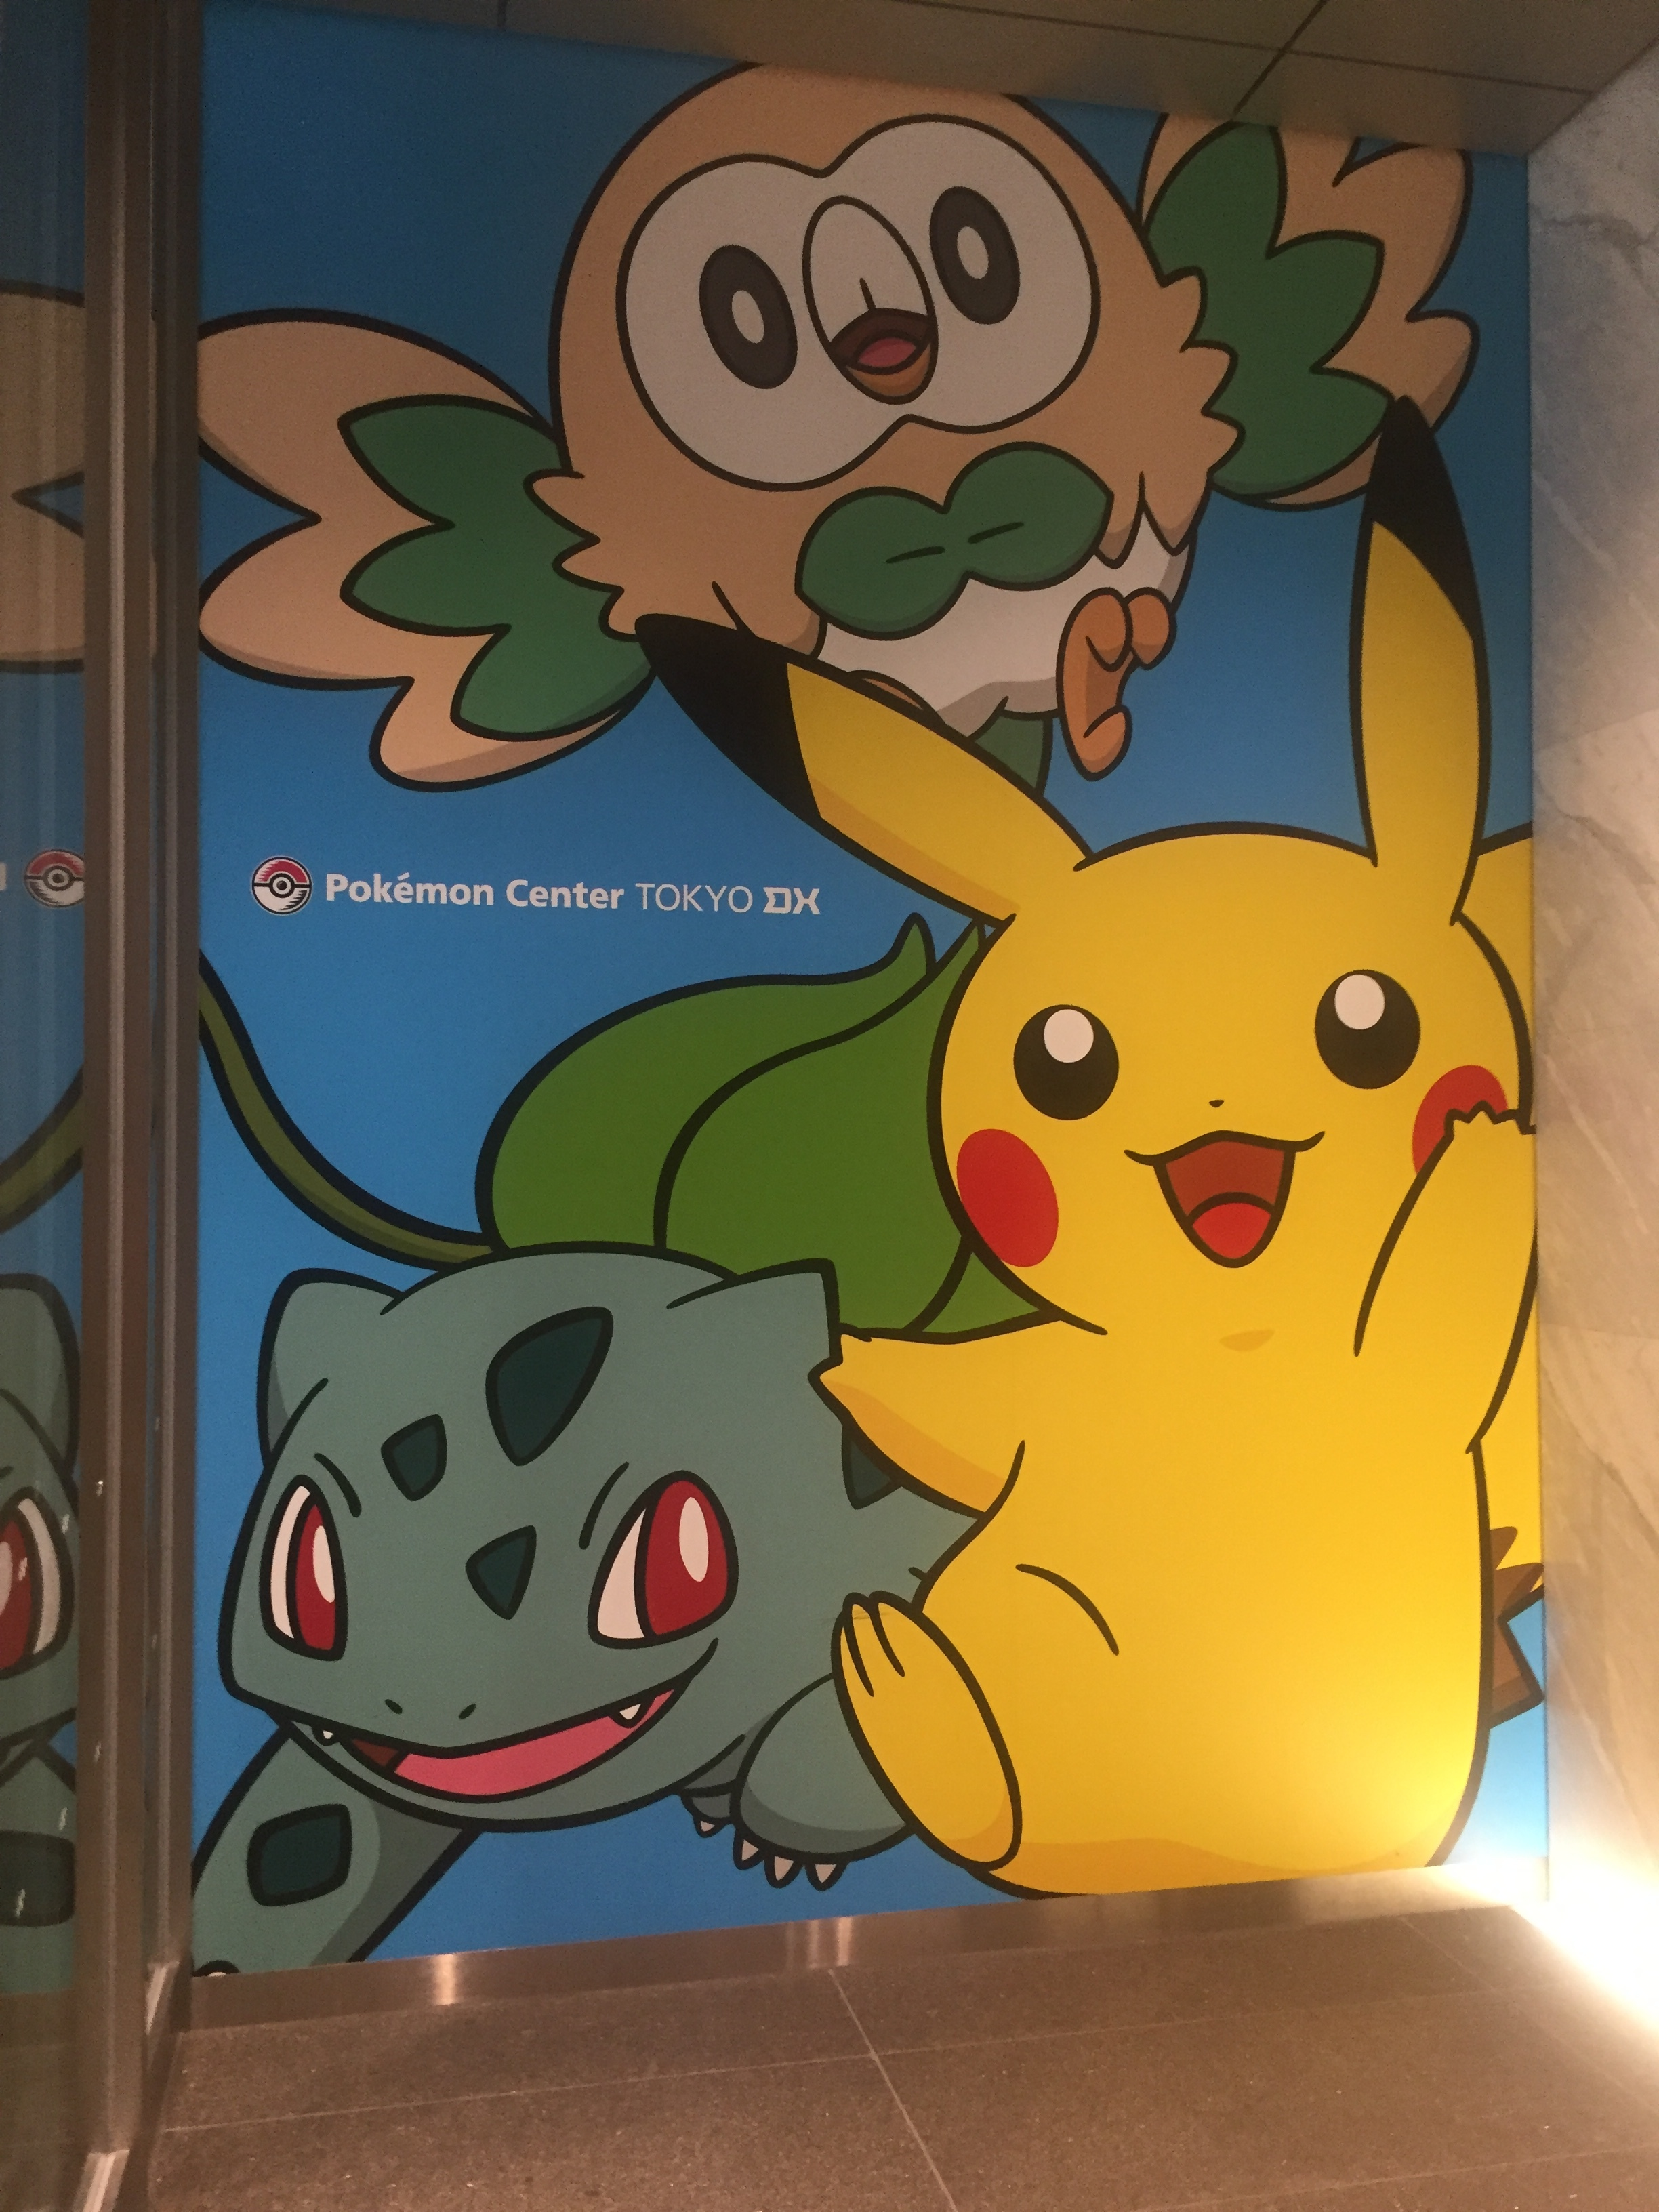 pokemon center tokyo dx new pokemon center .JPG